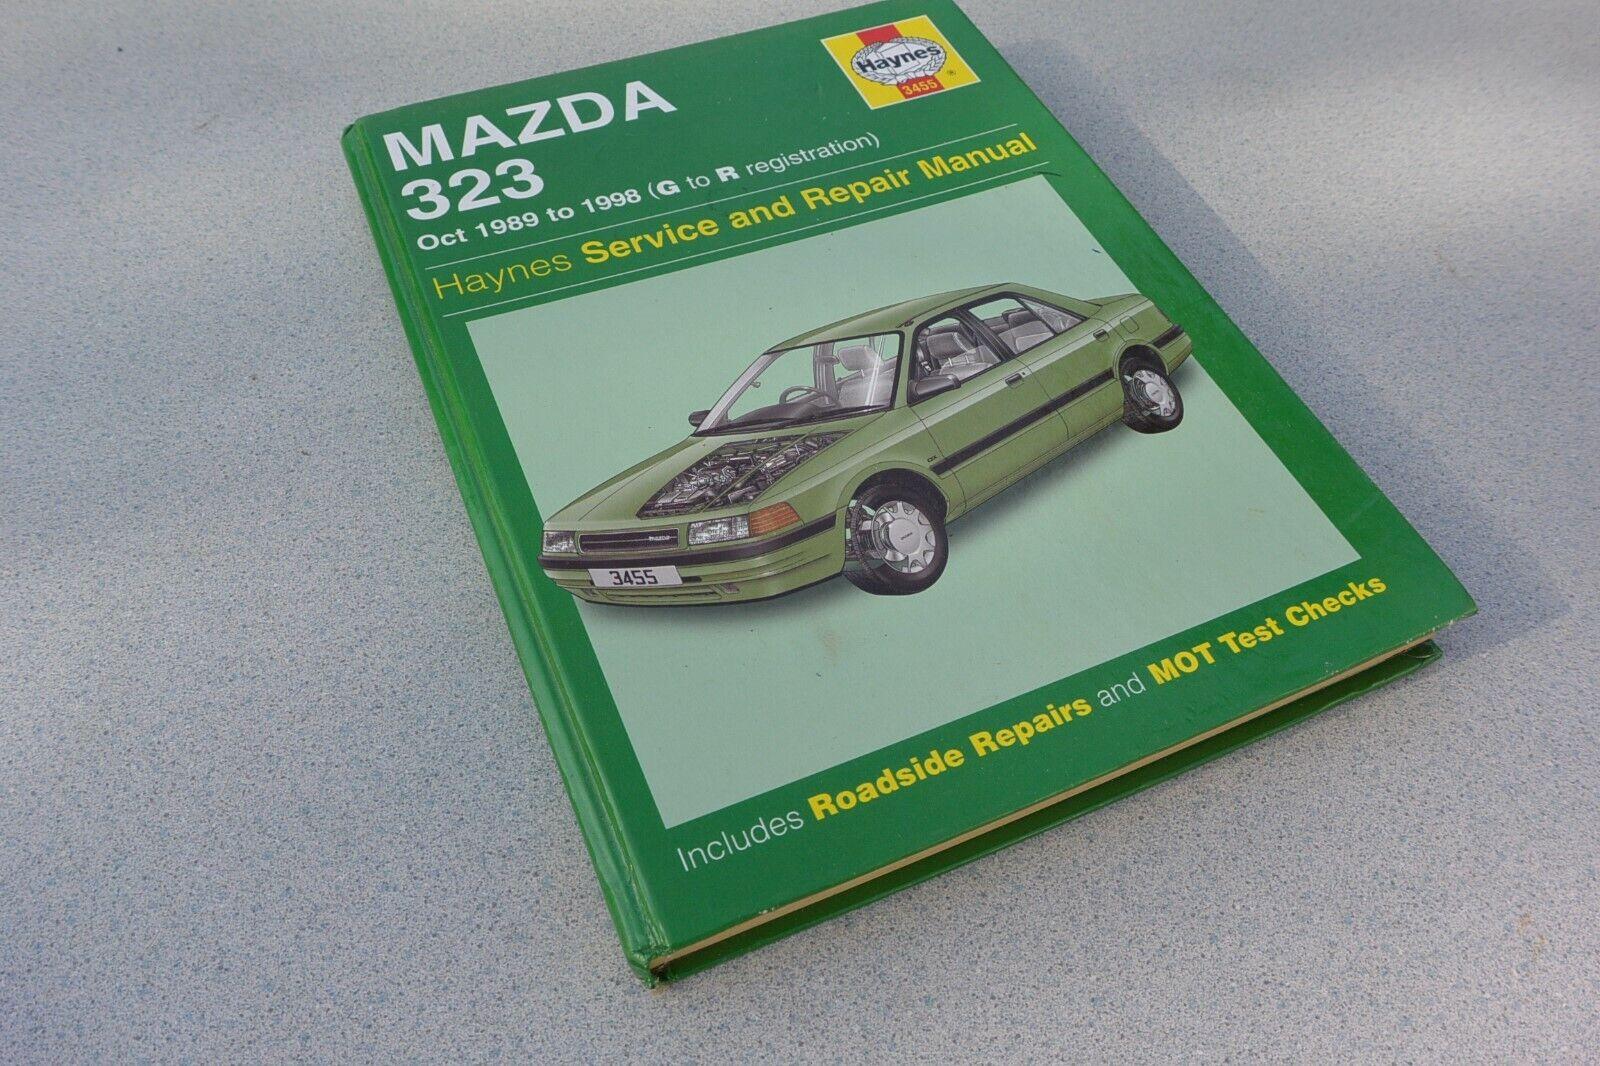 1.5 1.6 1.8 Haynes assistenza e riparazione manuale #3455 SIGILLATO GRATIS P/&P MAZDA 323 1.3